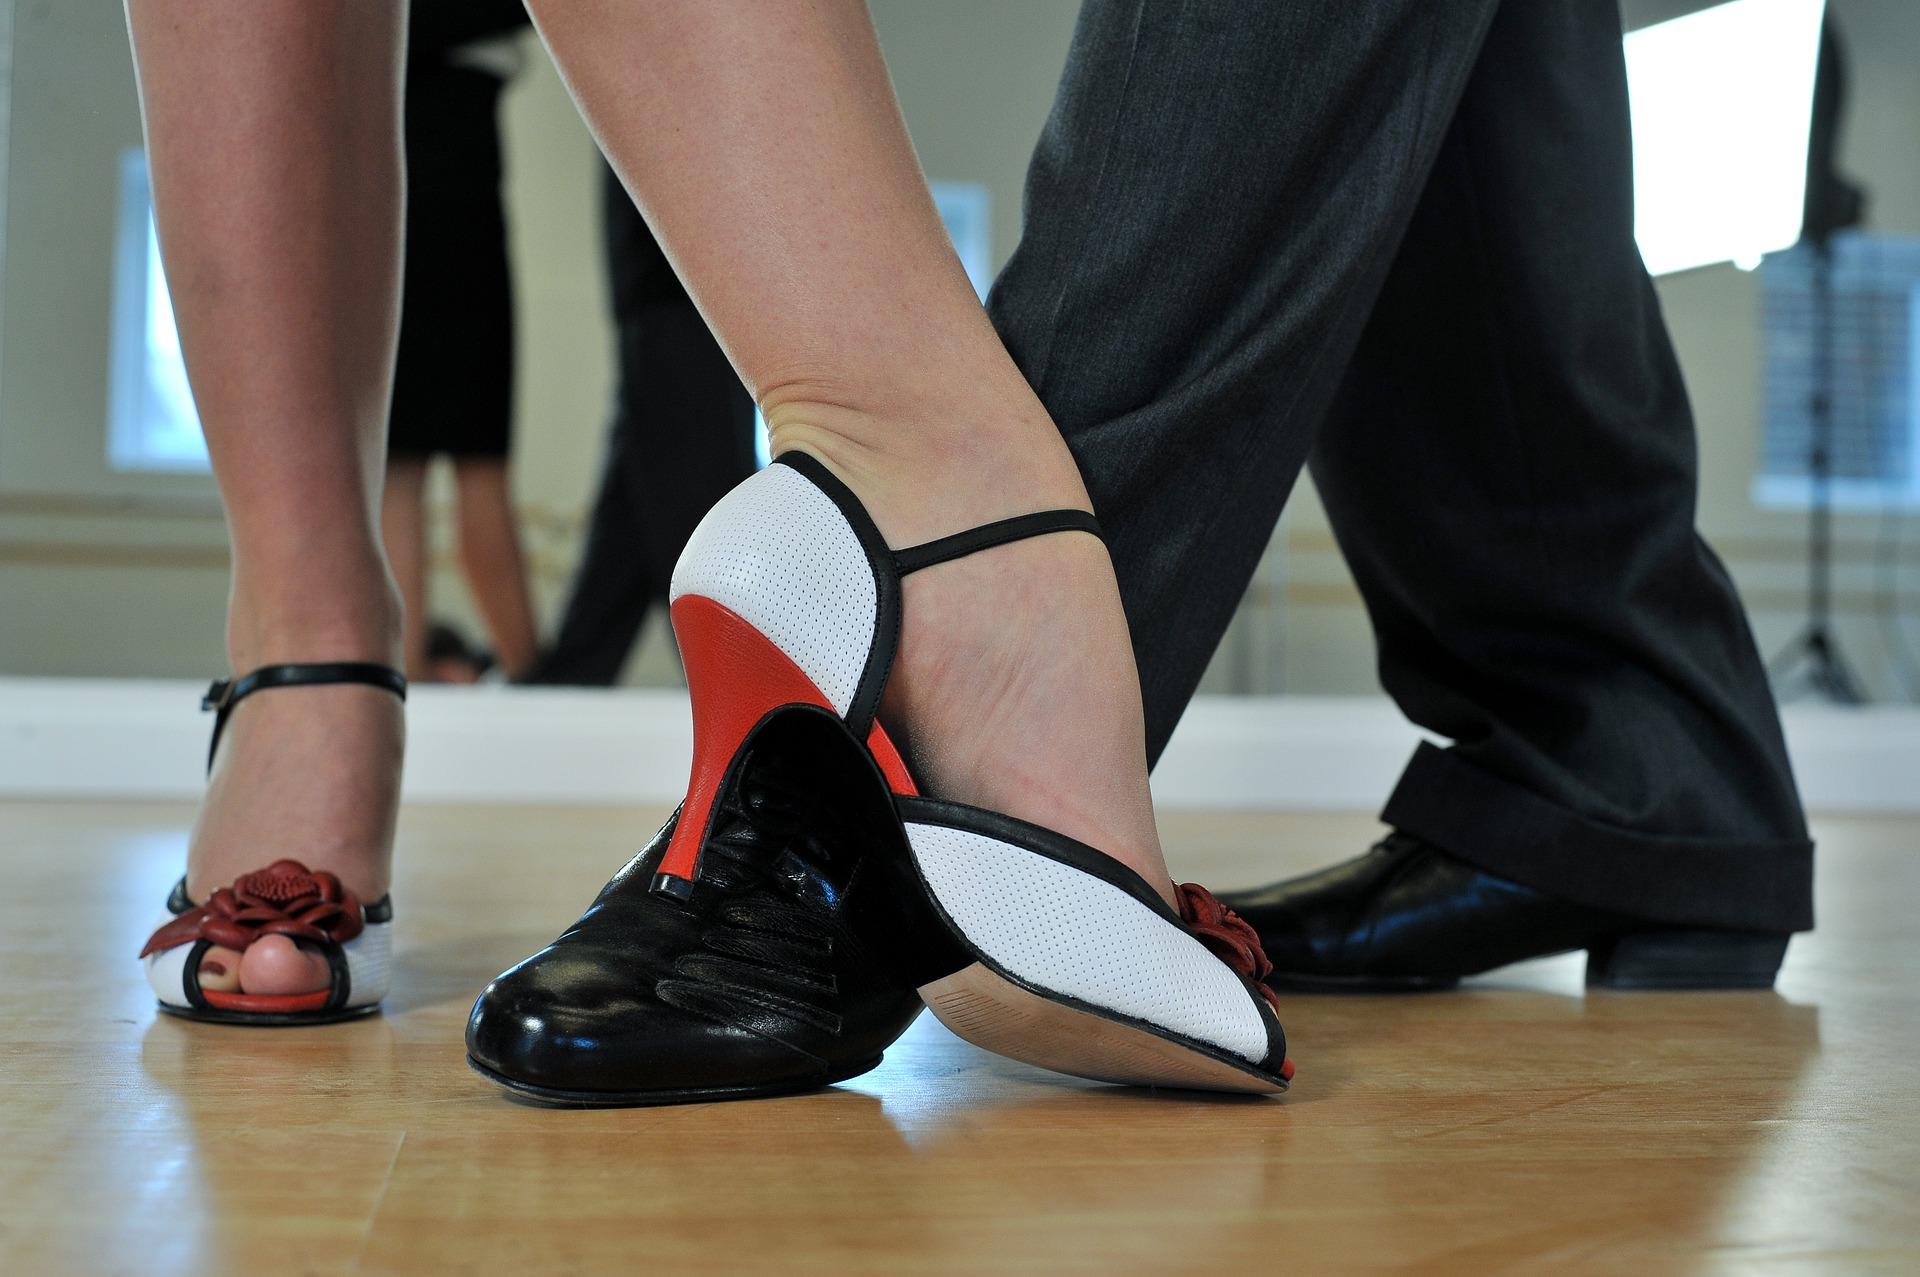 Bailar aporta numerosos beneficios a nuestra salud.